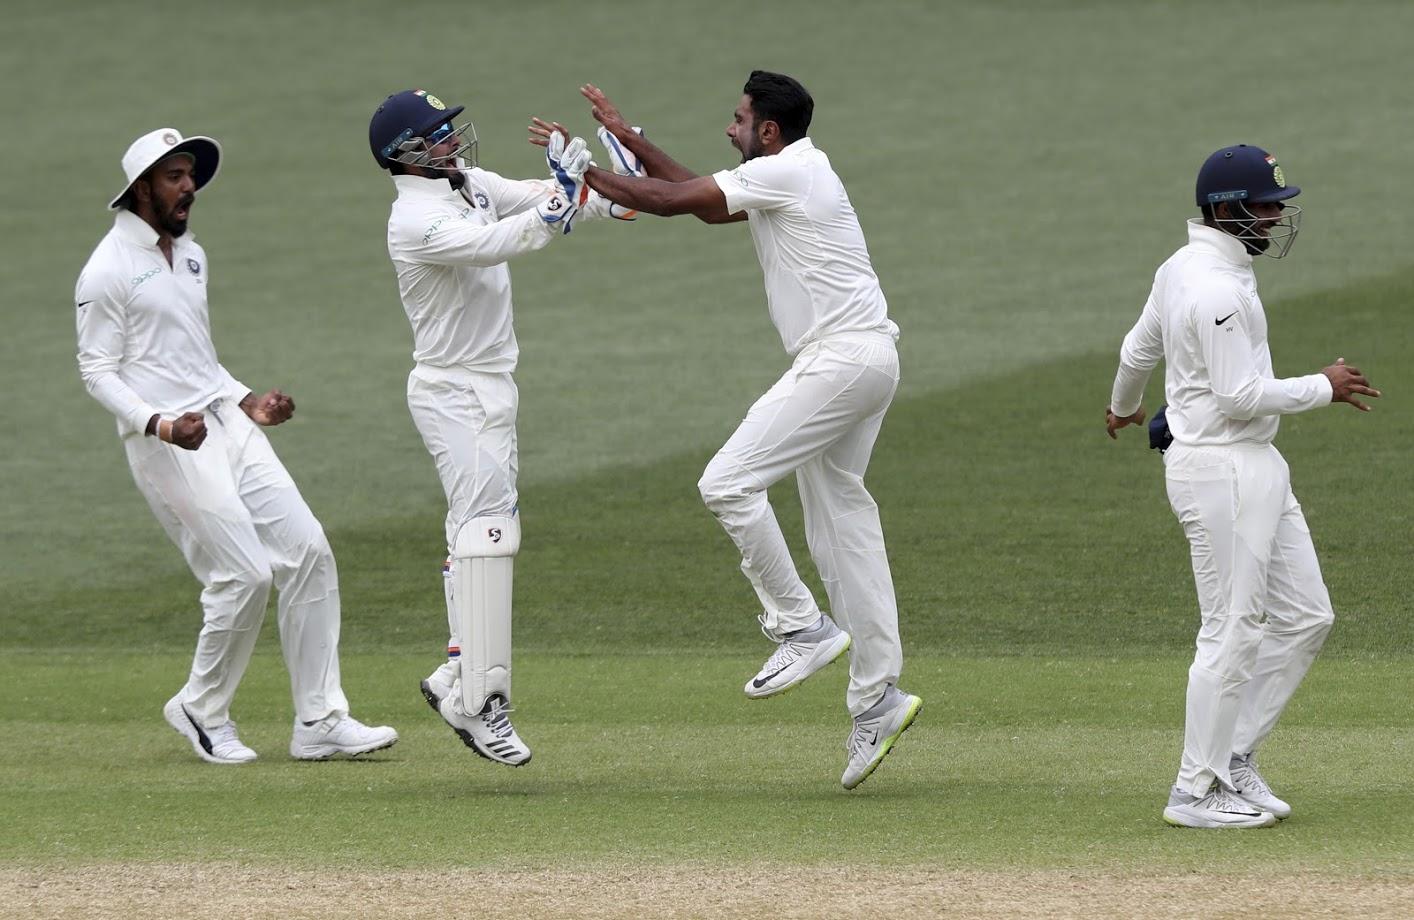 ऑस्ट्रेलियाविरुद्धच्या या पहिल्या कसोटी सामन्यात भारताने पहिल्यापासूनच मजबूत पकड निर्माण केली आहे.